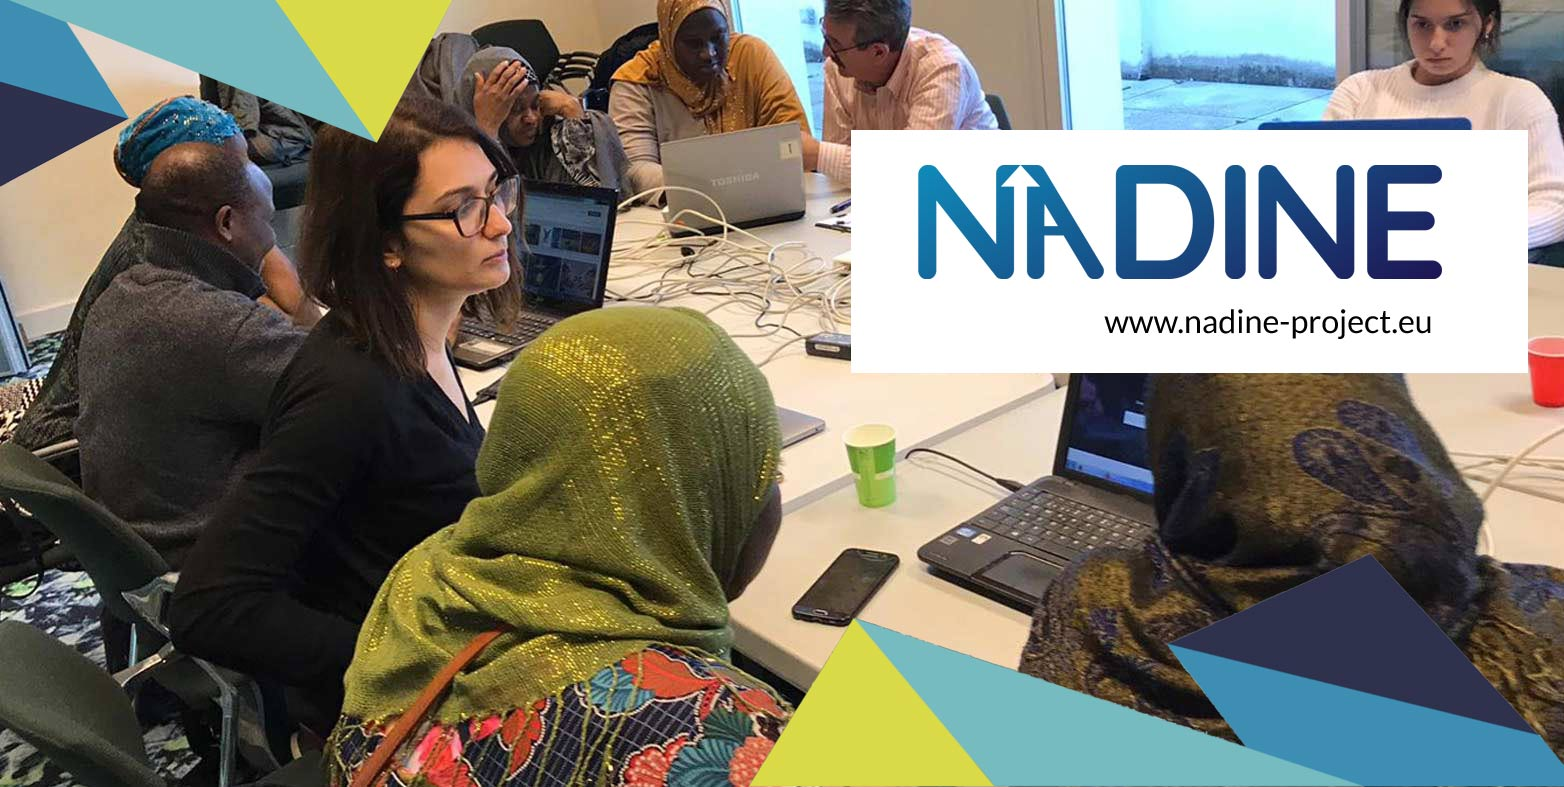 Comienzan los talleres piloto de NADINE: la plataforma para facilitar la inclusión de migrantes en Europa